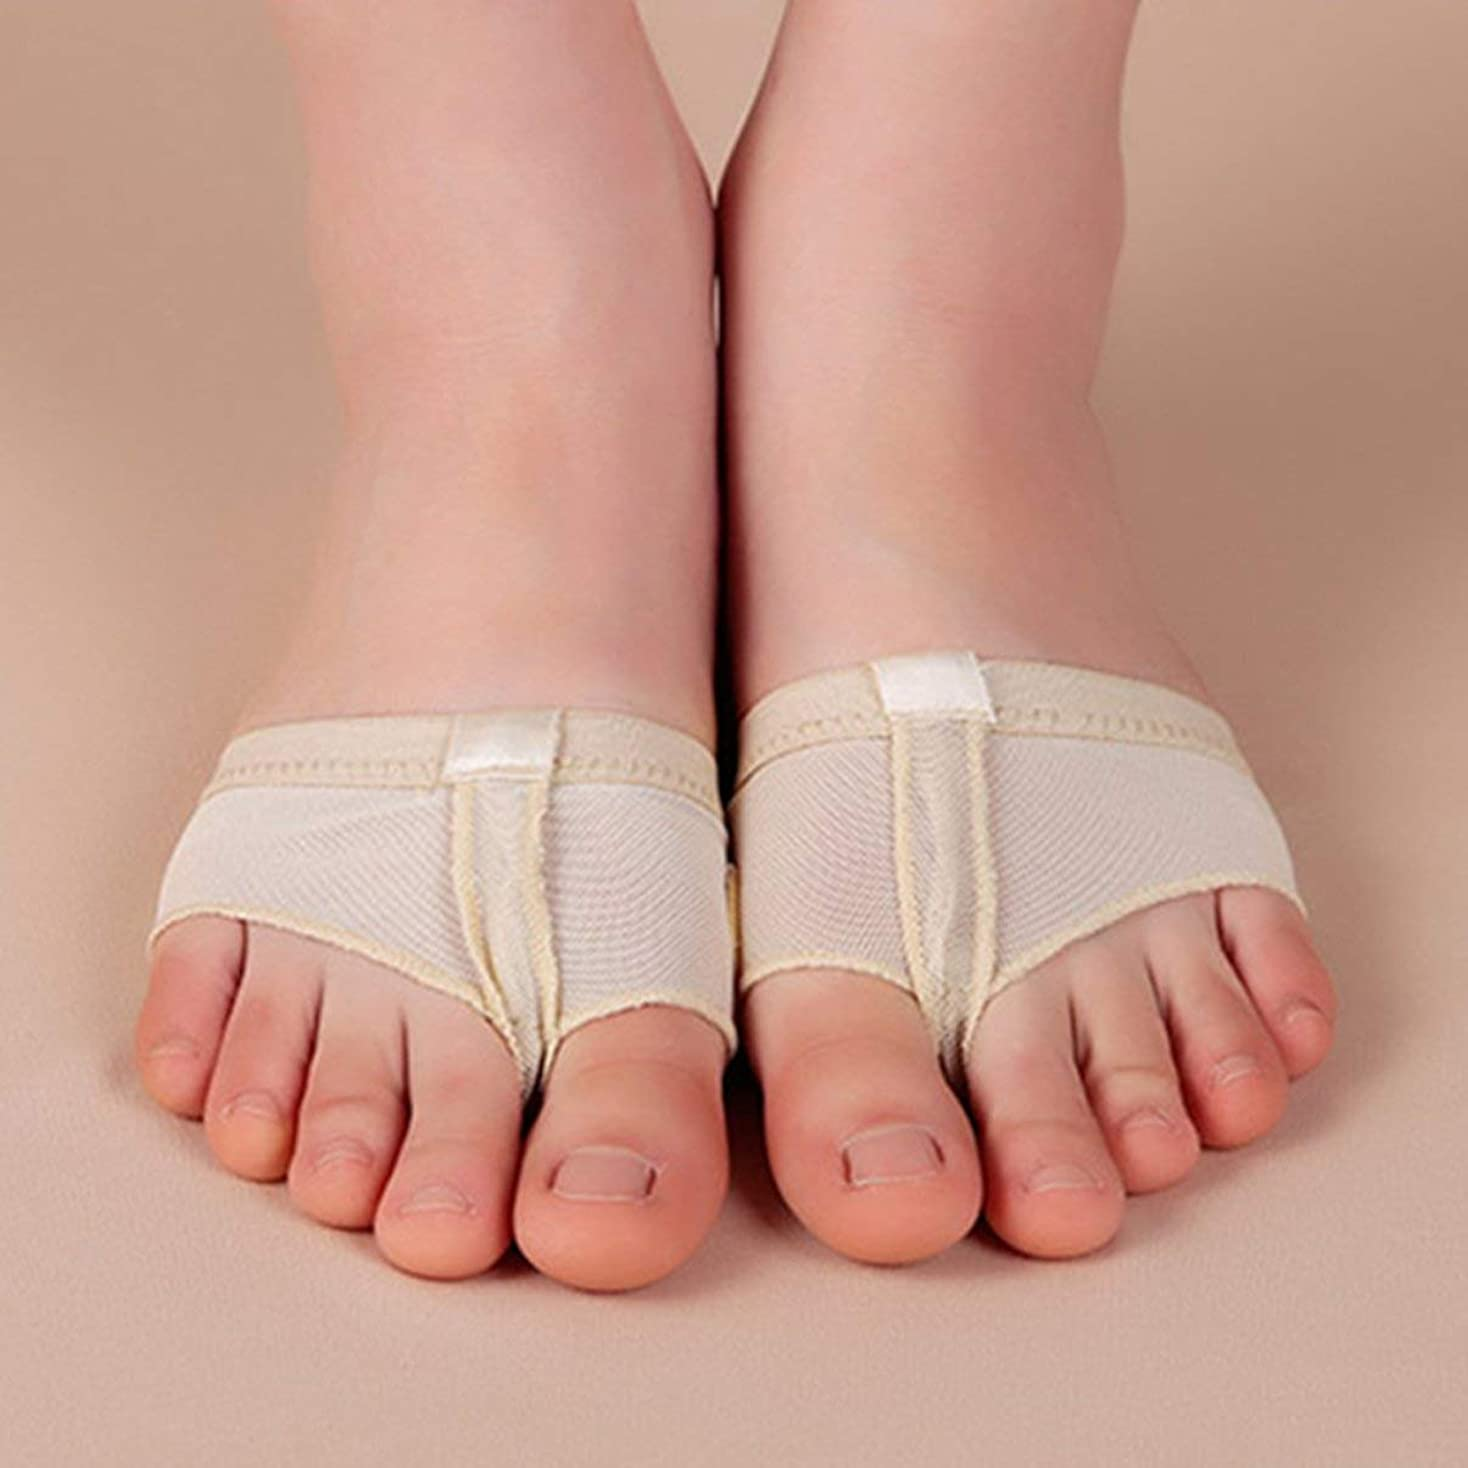 民兵代名詞家事1 Pair Footful Foot Thong Toe Undies Ballet Dance Paws Metatarsal Forefoot Half Lyrical free shipping